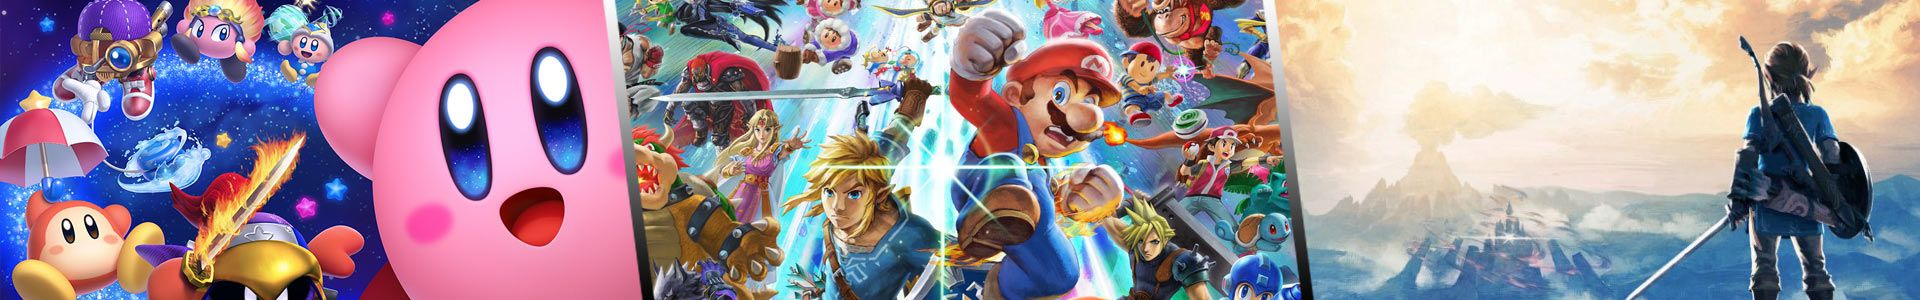 Nintendo Switch Online kaufen